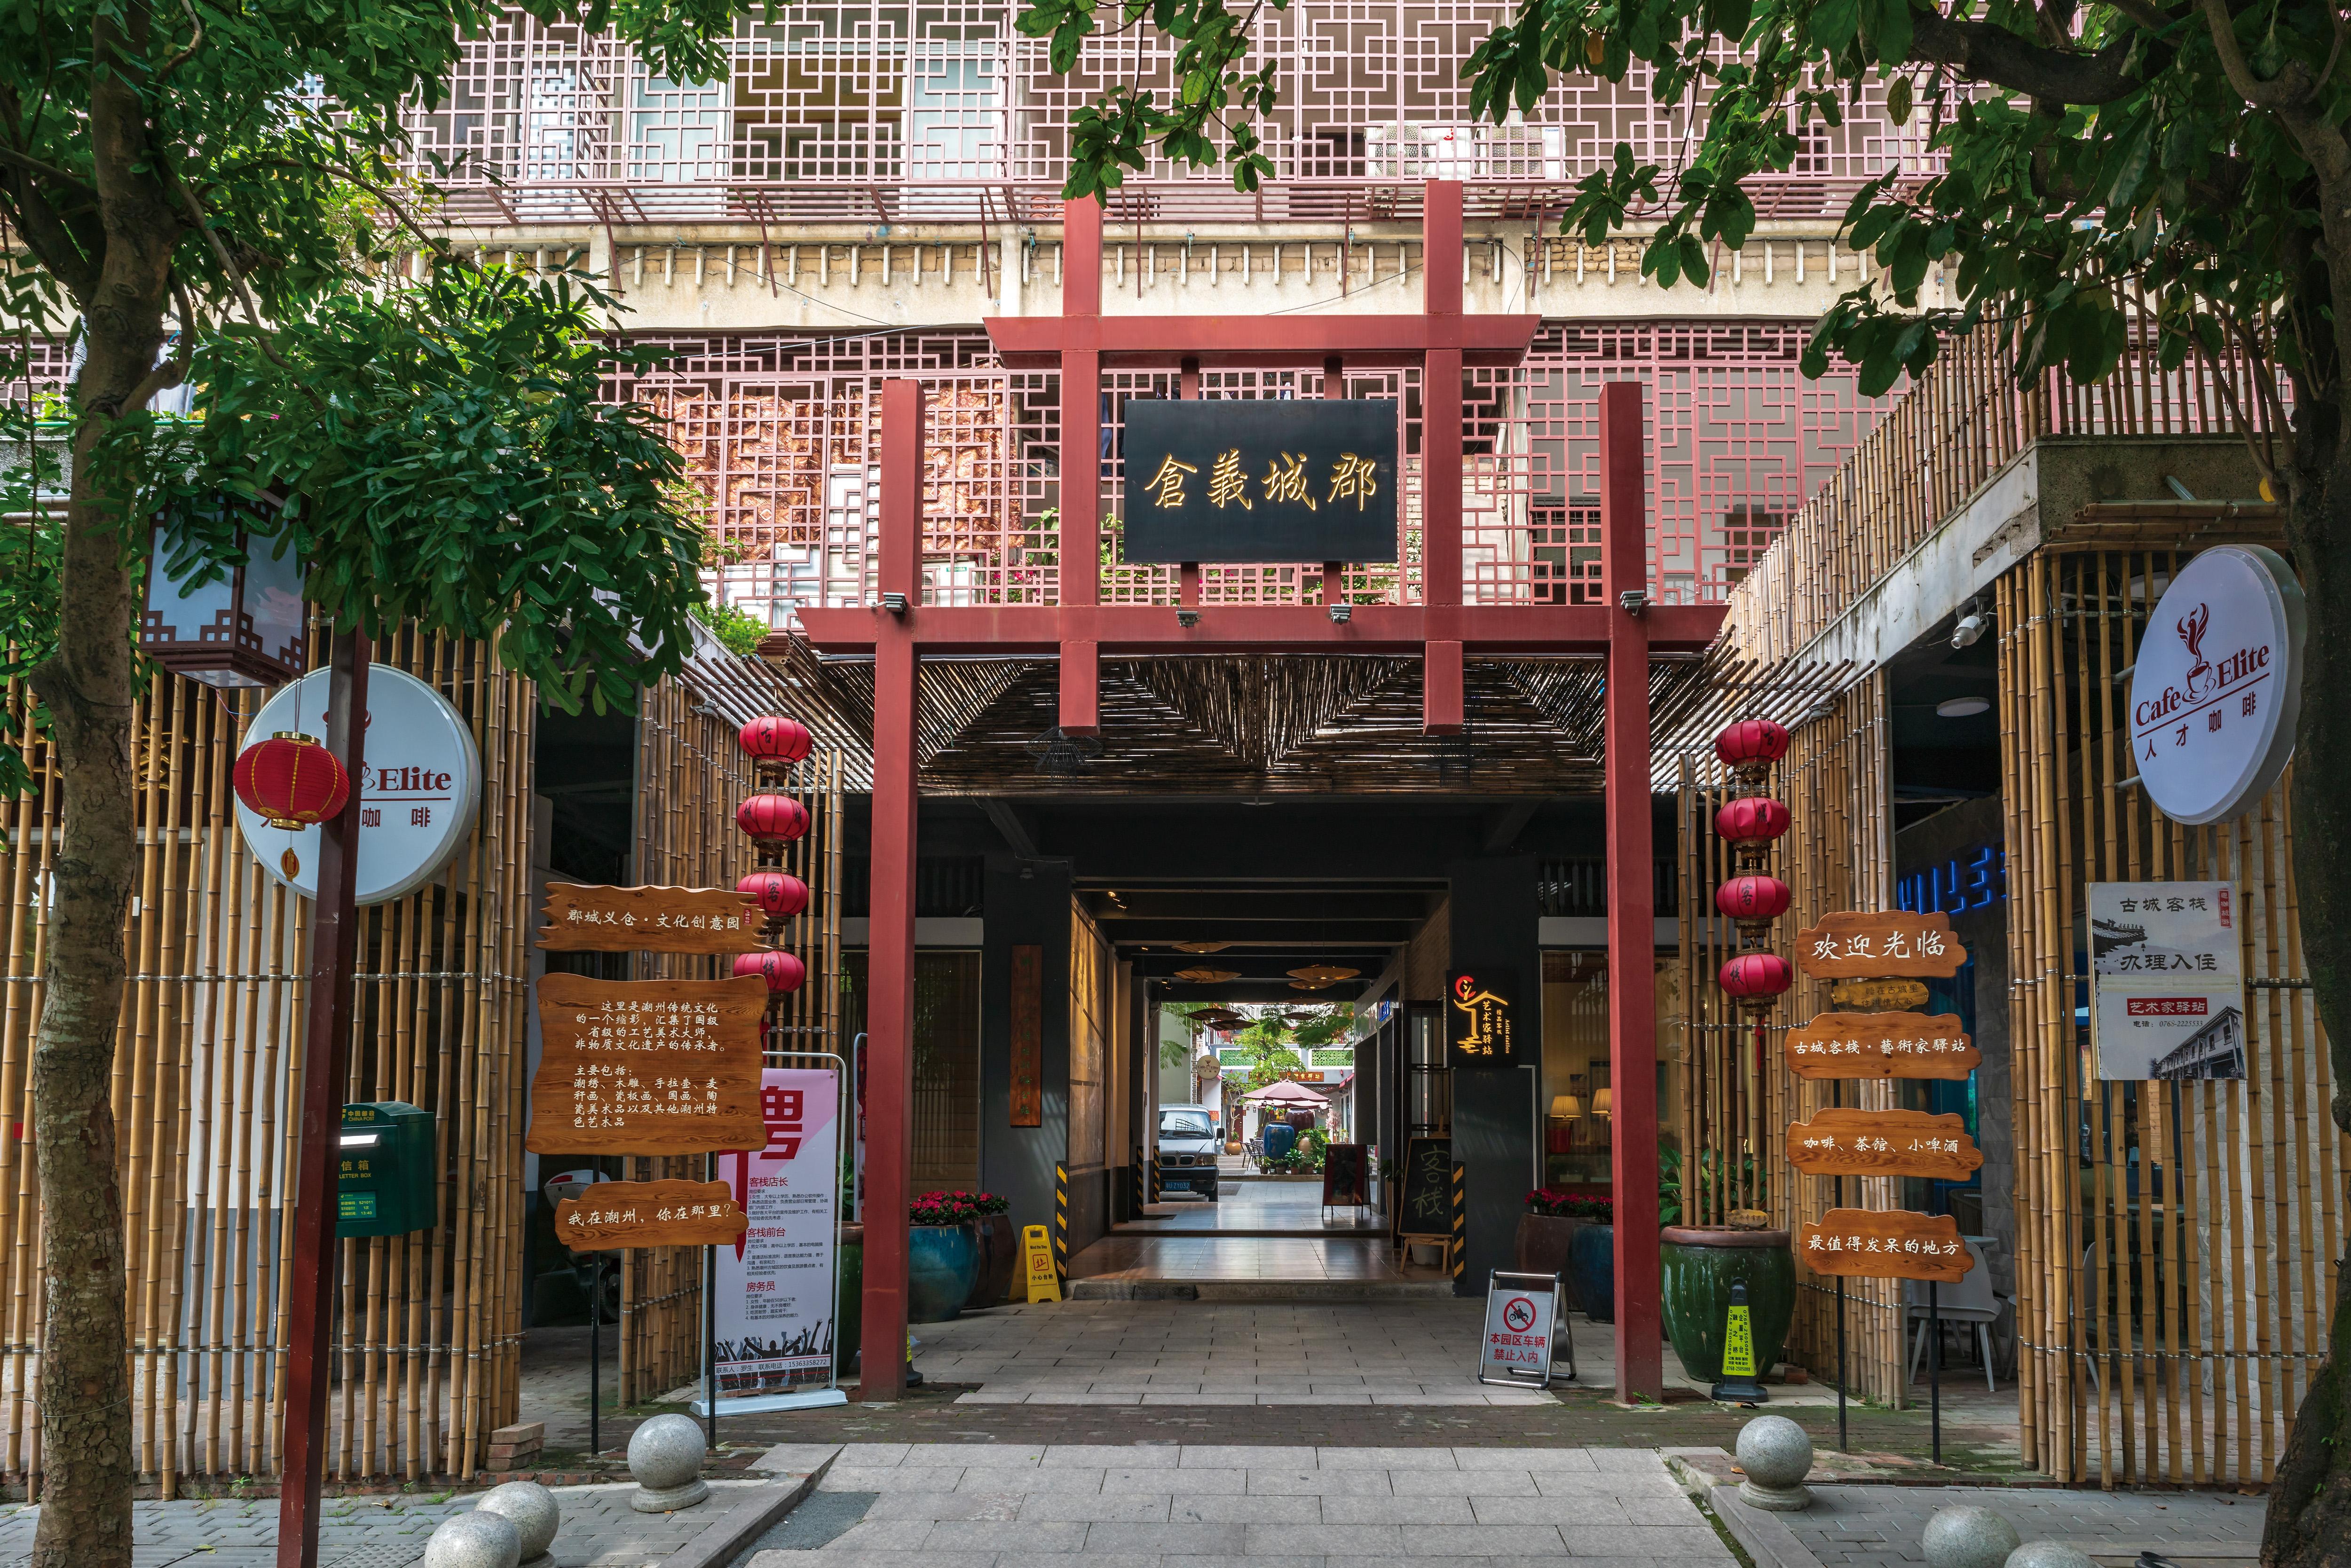 Jun Cheng Yi Cang - The Artist Inn